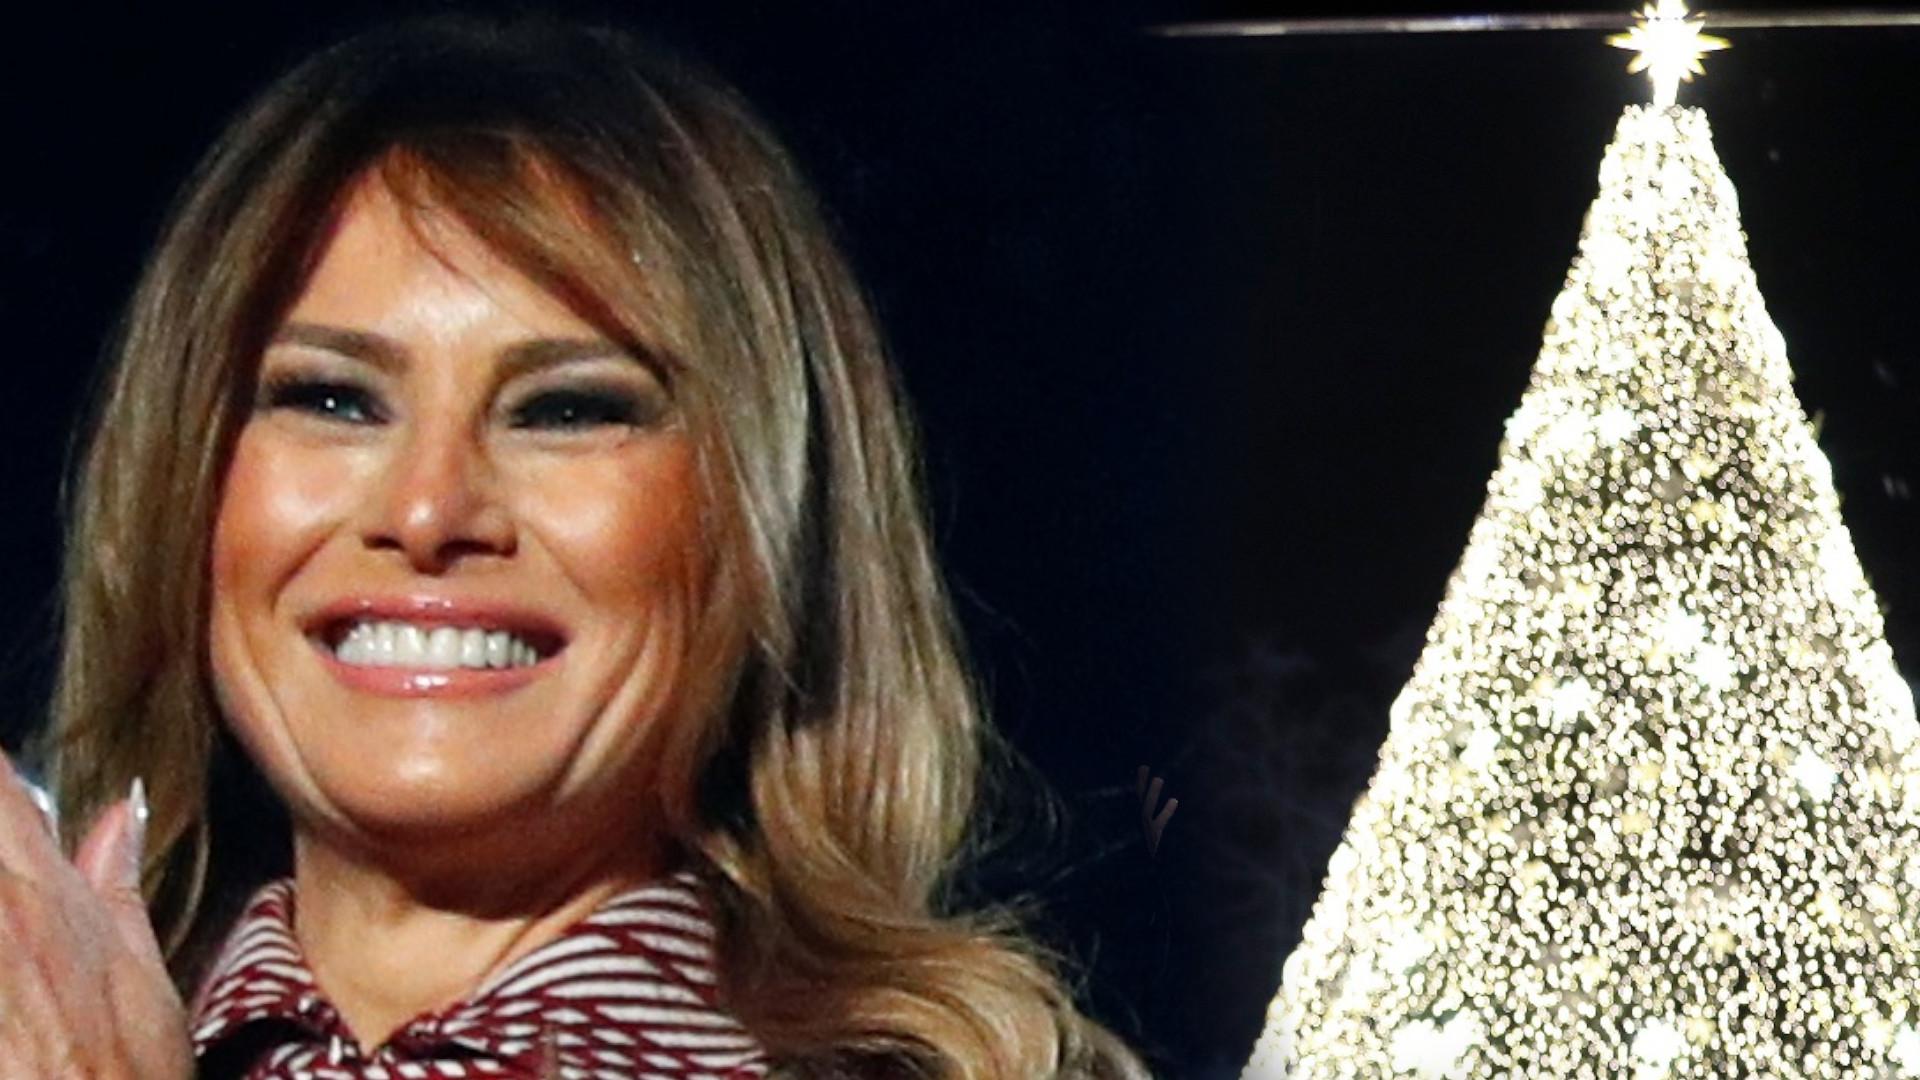 Trumpowie zapalili narodową CHOINKĘ przed Białym Domem. Wszyscy zachwycili się płaszczem Melanii (ZDJĘCIA)